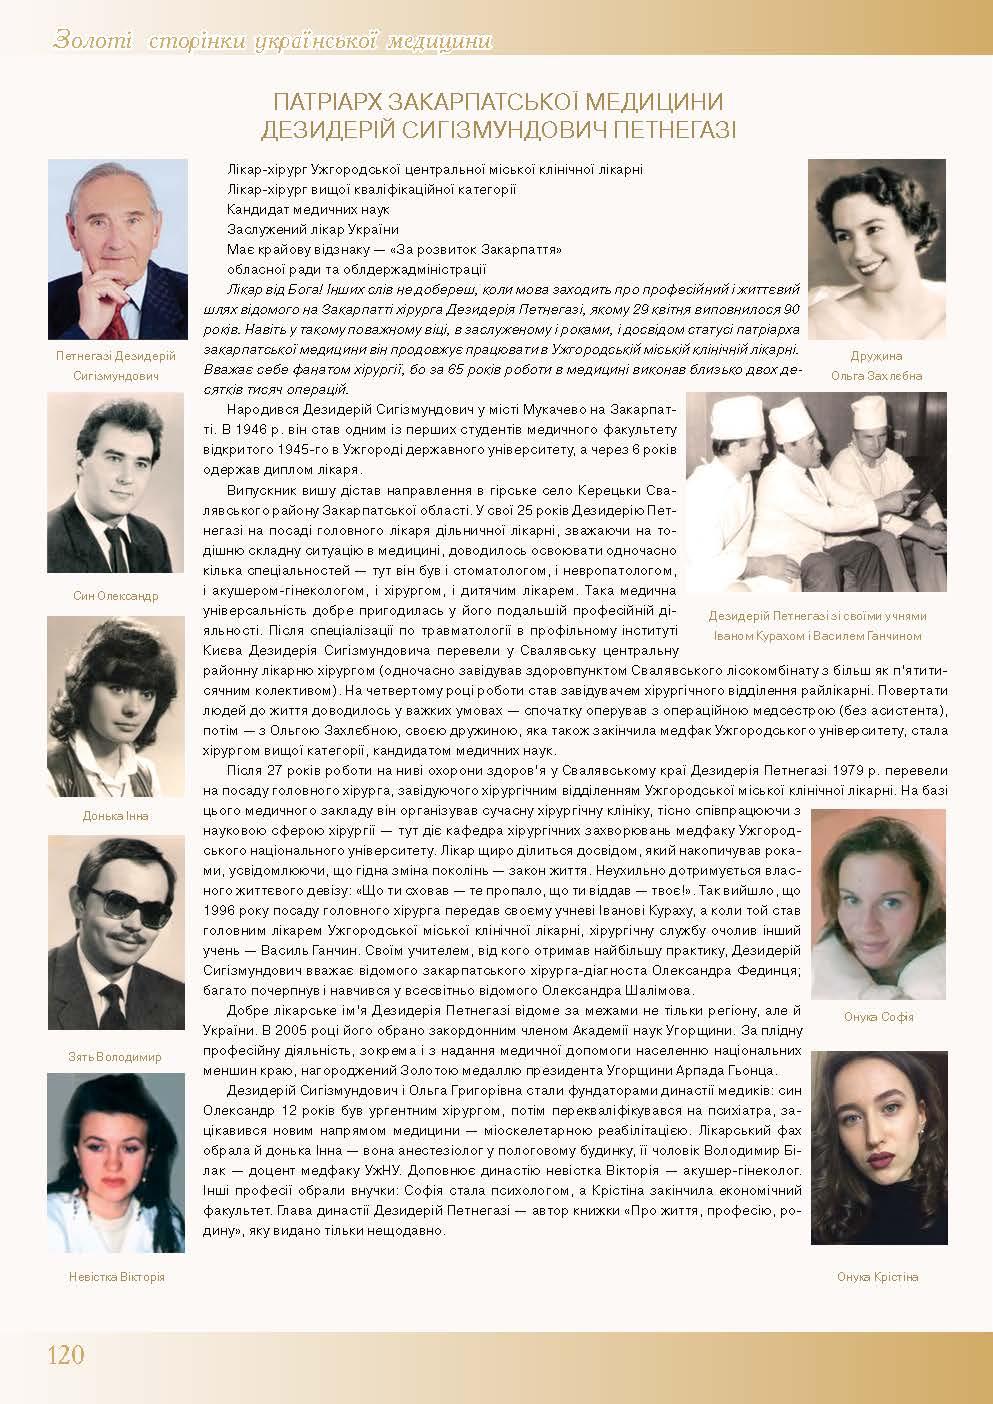 Патріарх закарпатської медицини Дезидерій Сигізмундович Петнегазі